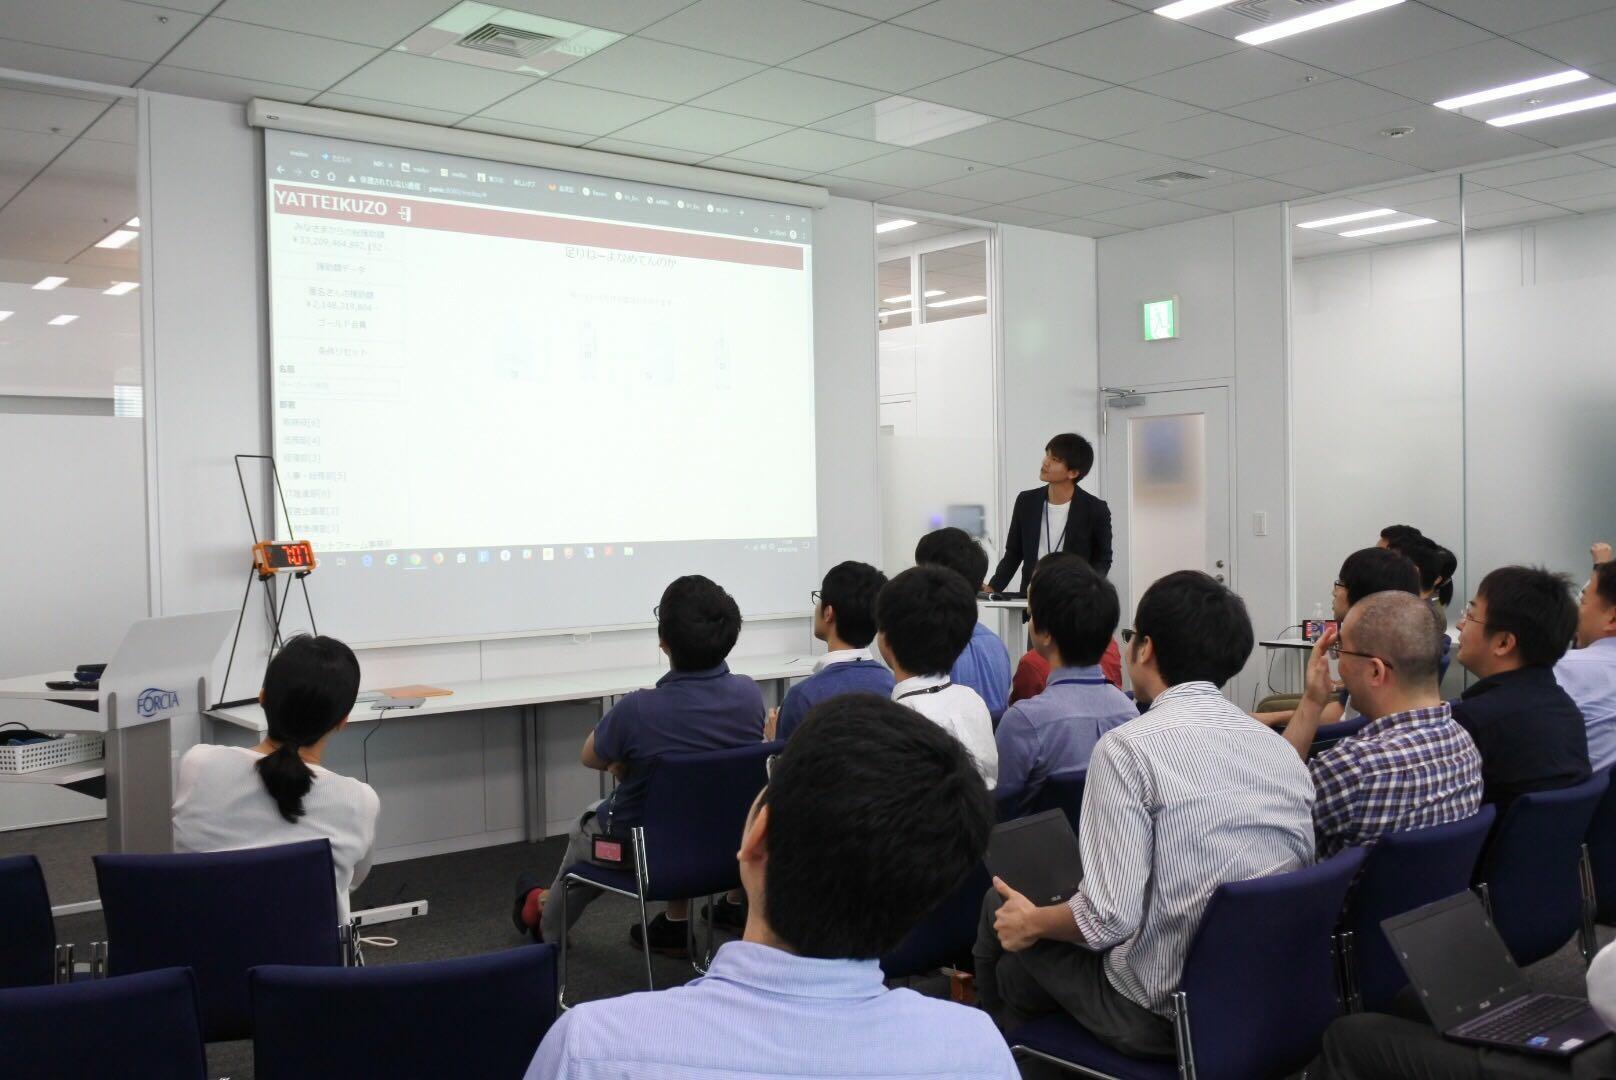 19卒エンジニアが奮闘 名簿アプリ開発研修